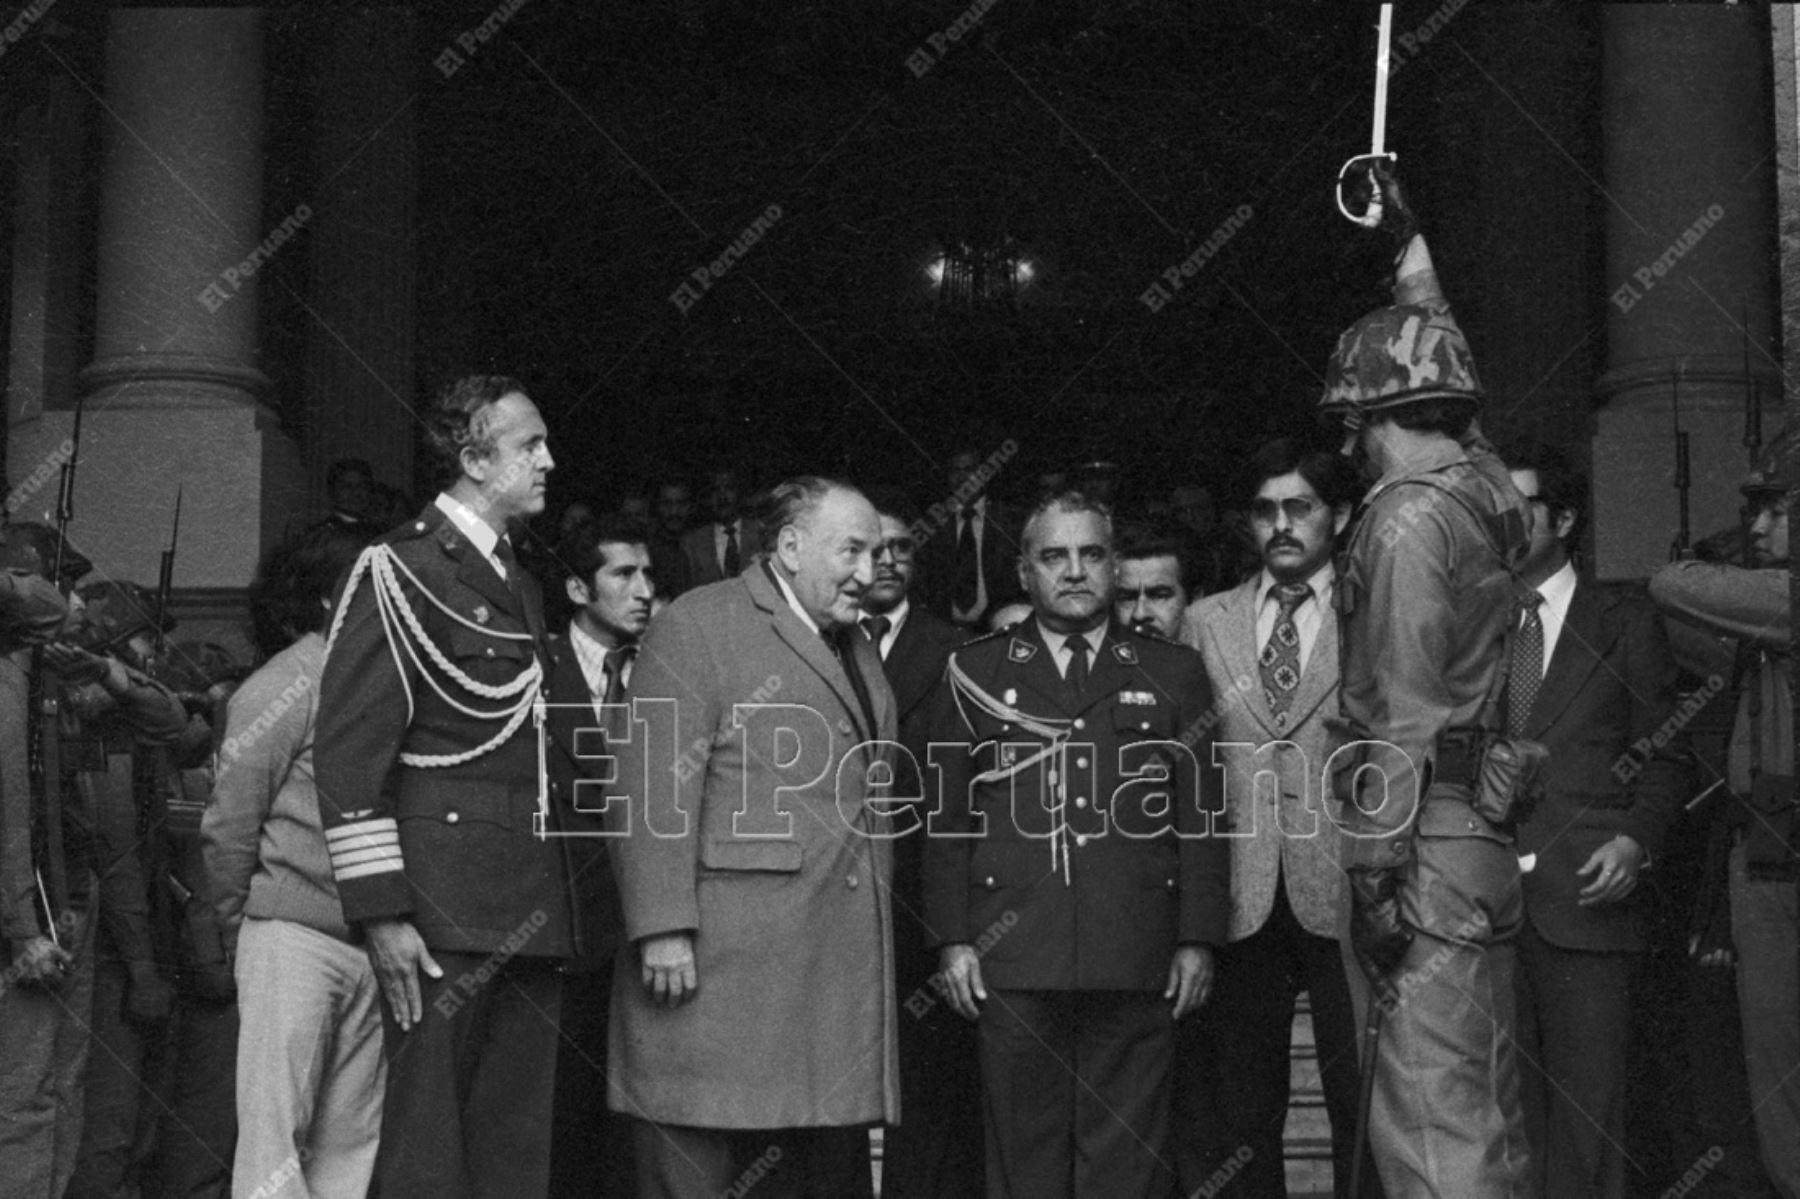 Lima - 4 agosto 1978 / Víctor Raúl Haya de la Torre, líder del APRA y presidente de la Asamblea Constituyente, recibe honores militares a su salida de la sede del Congreso.   Foto: Archivo Histórico de El Peruano.